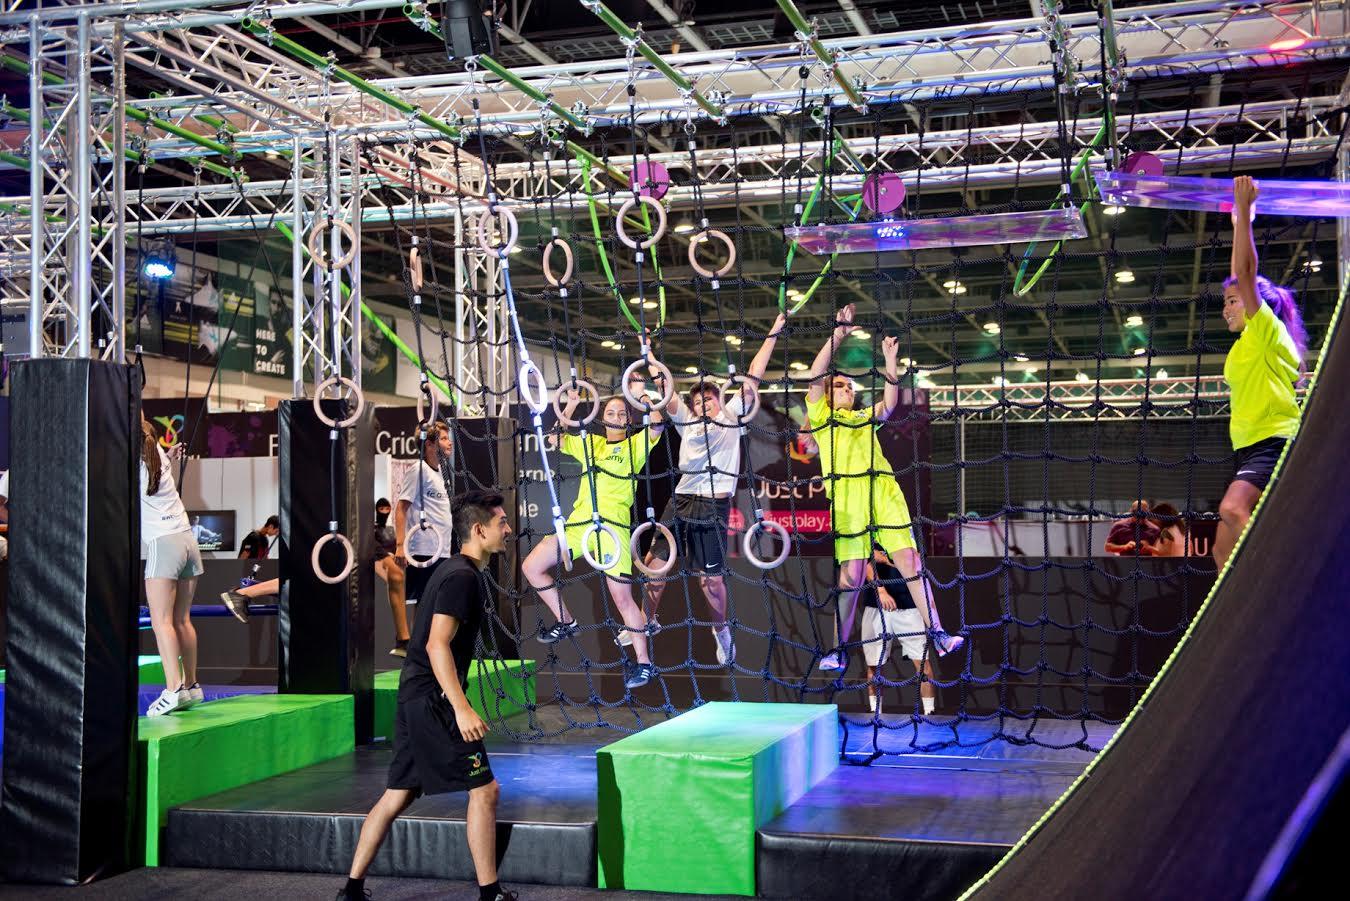 عالم دبي للرياضة يستضيف ثلاث فعاليات للياقة البدنية